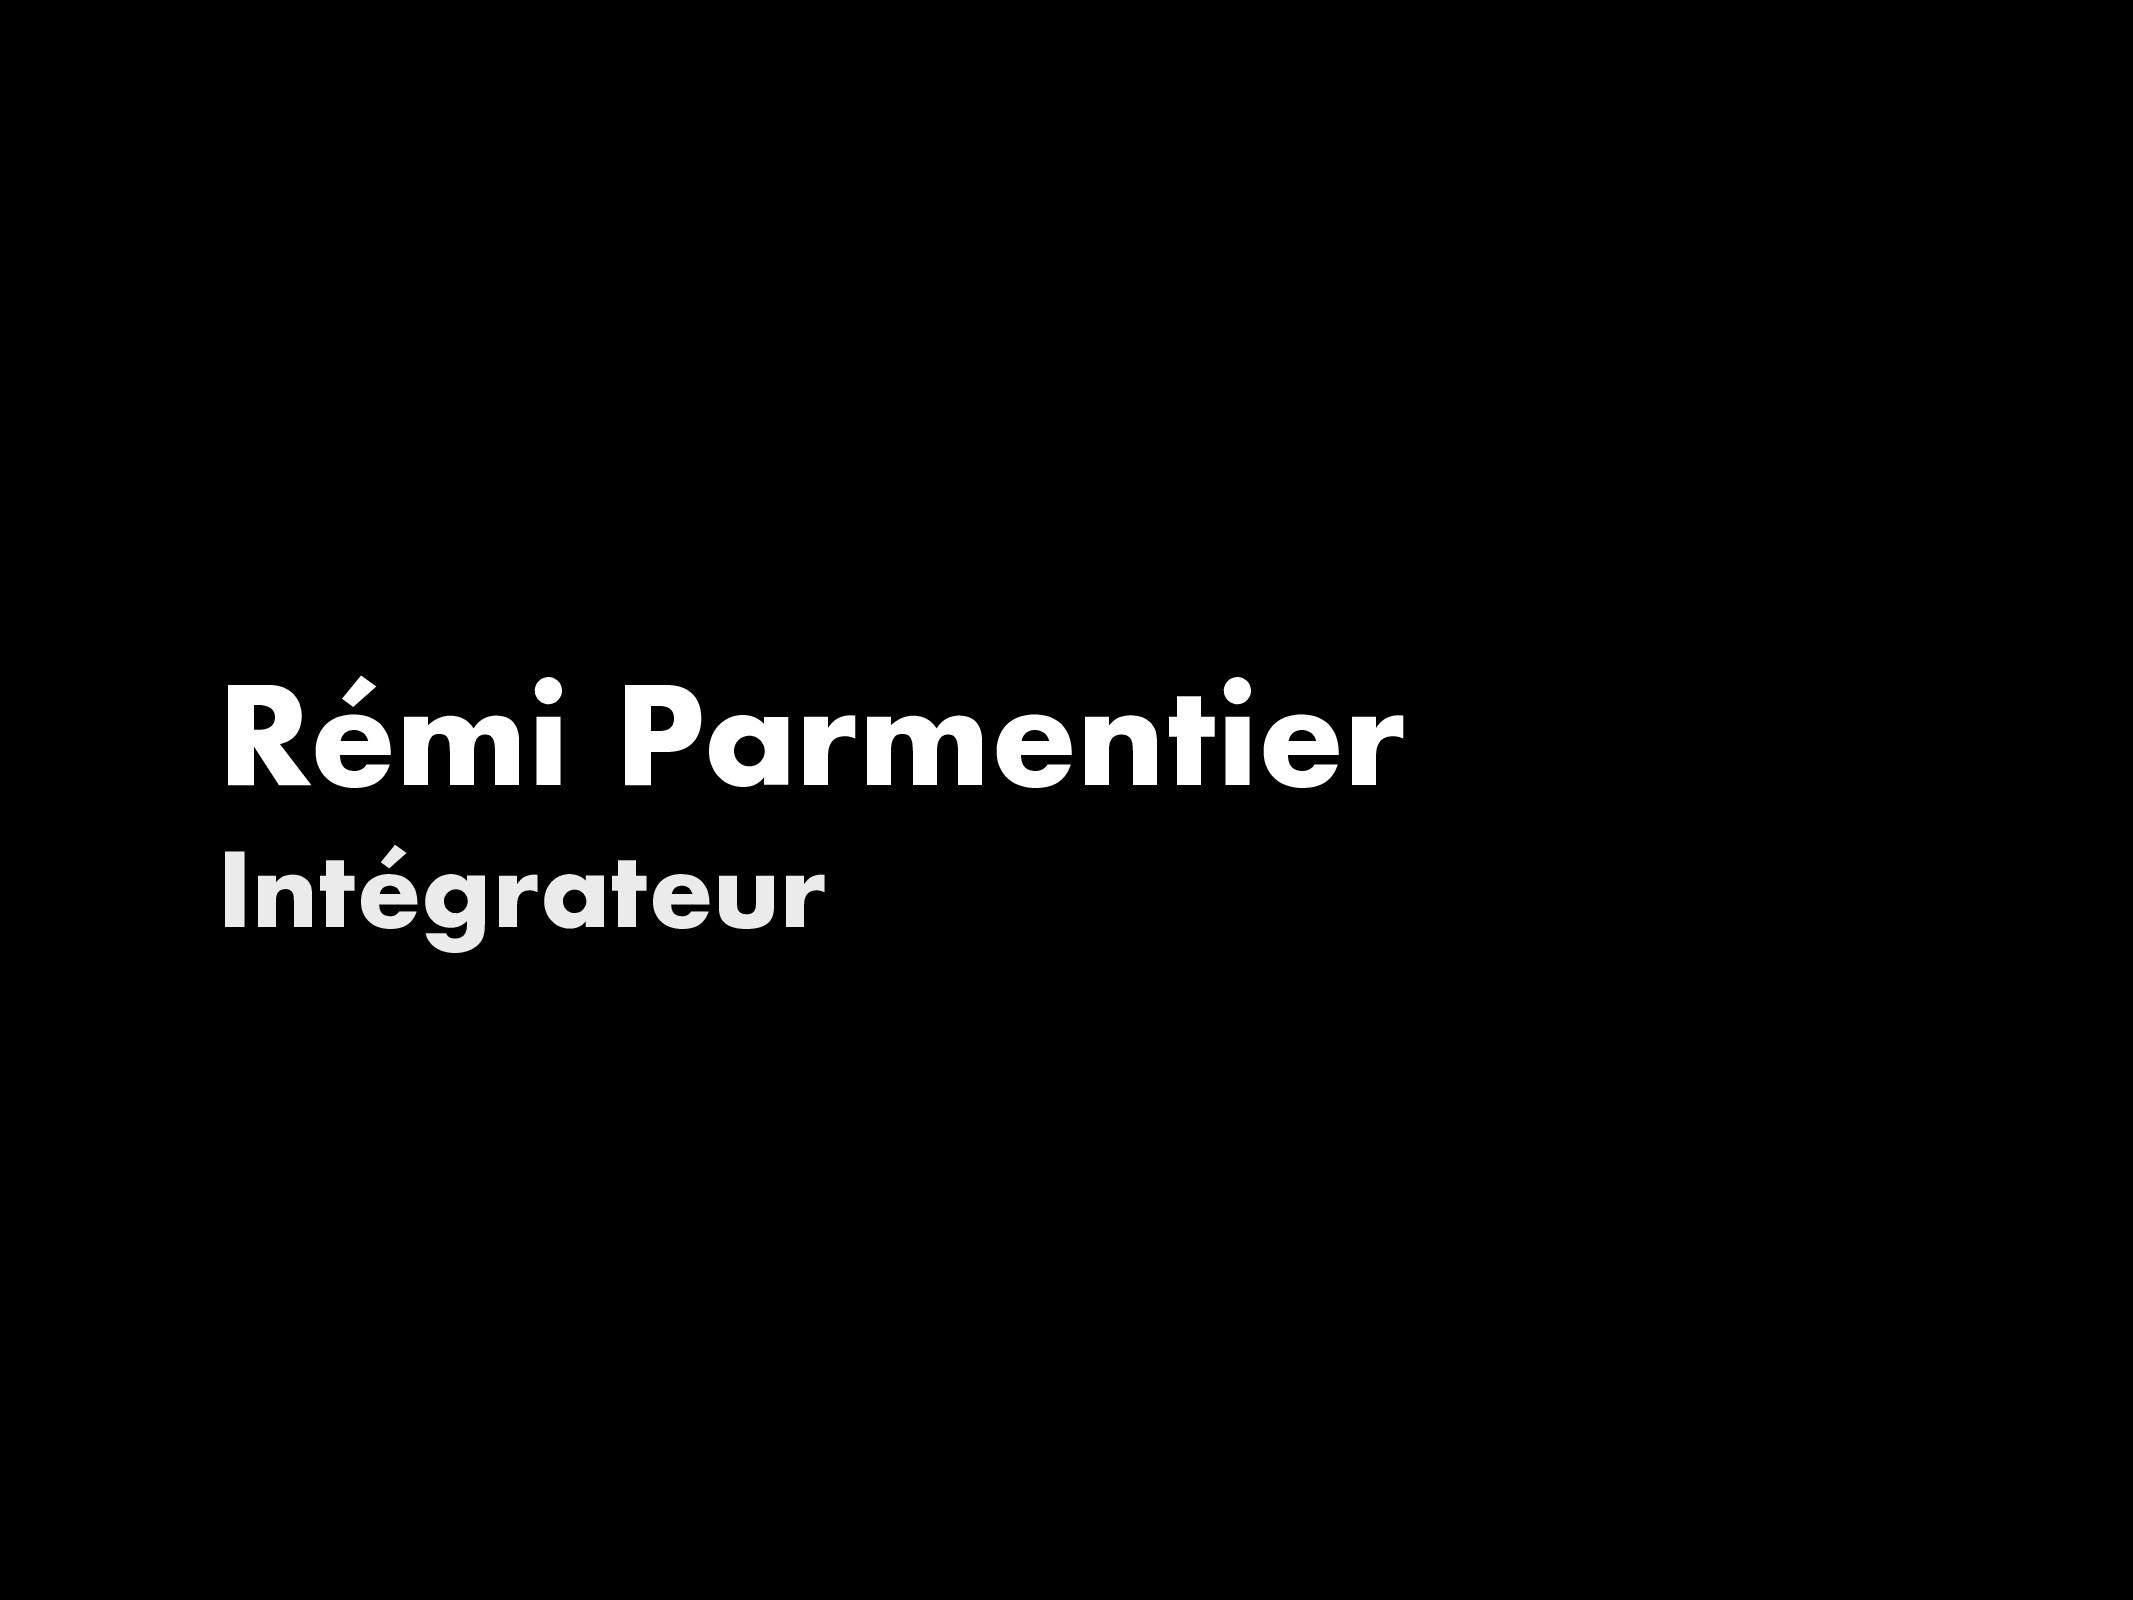 Rémi Parmentier Intégrateur